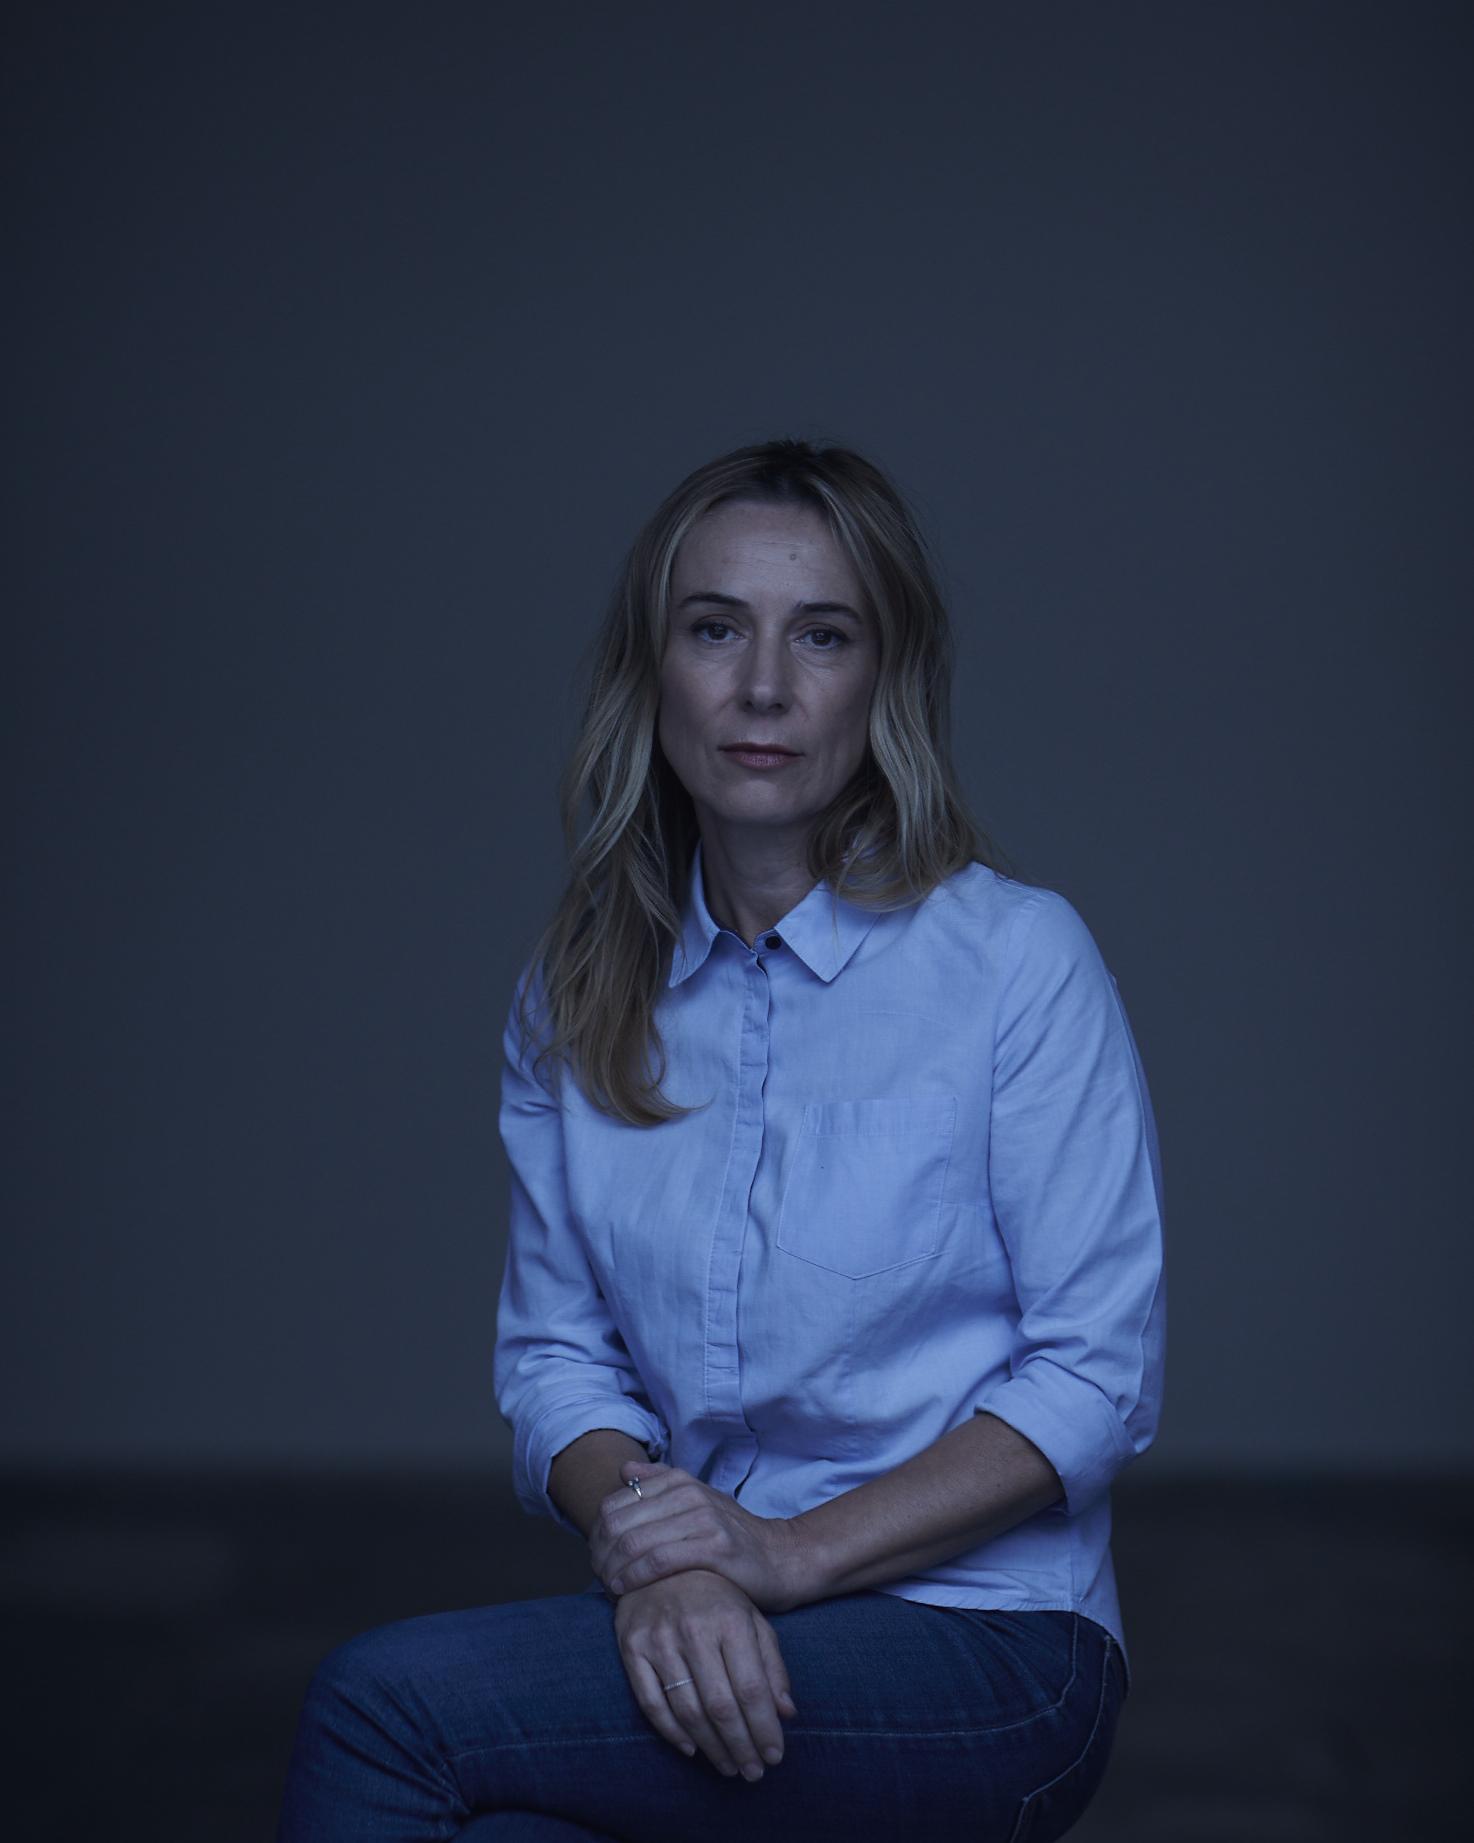 Valérie Müller photographiée par Stéphane Gallois